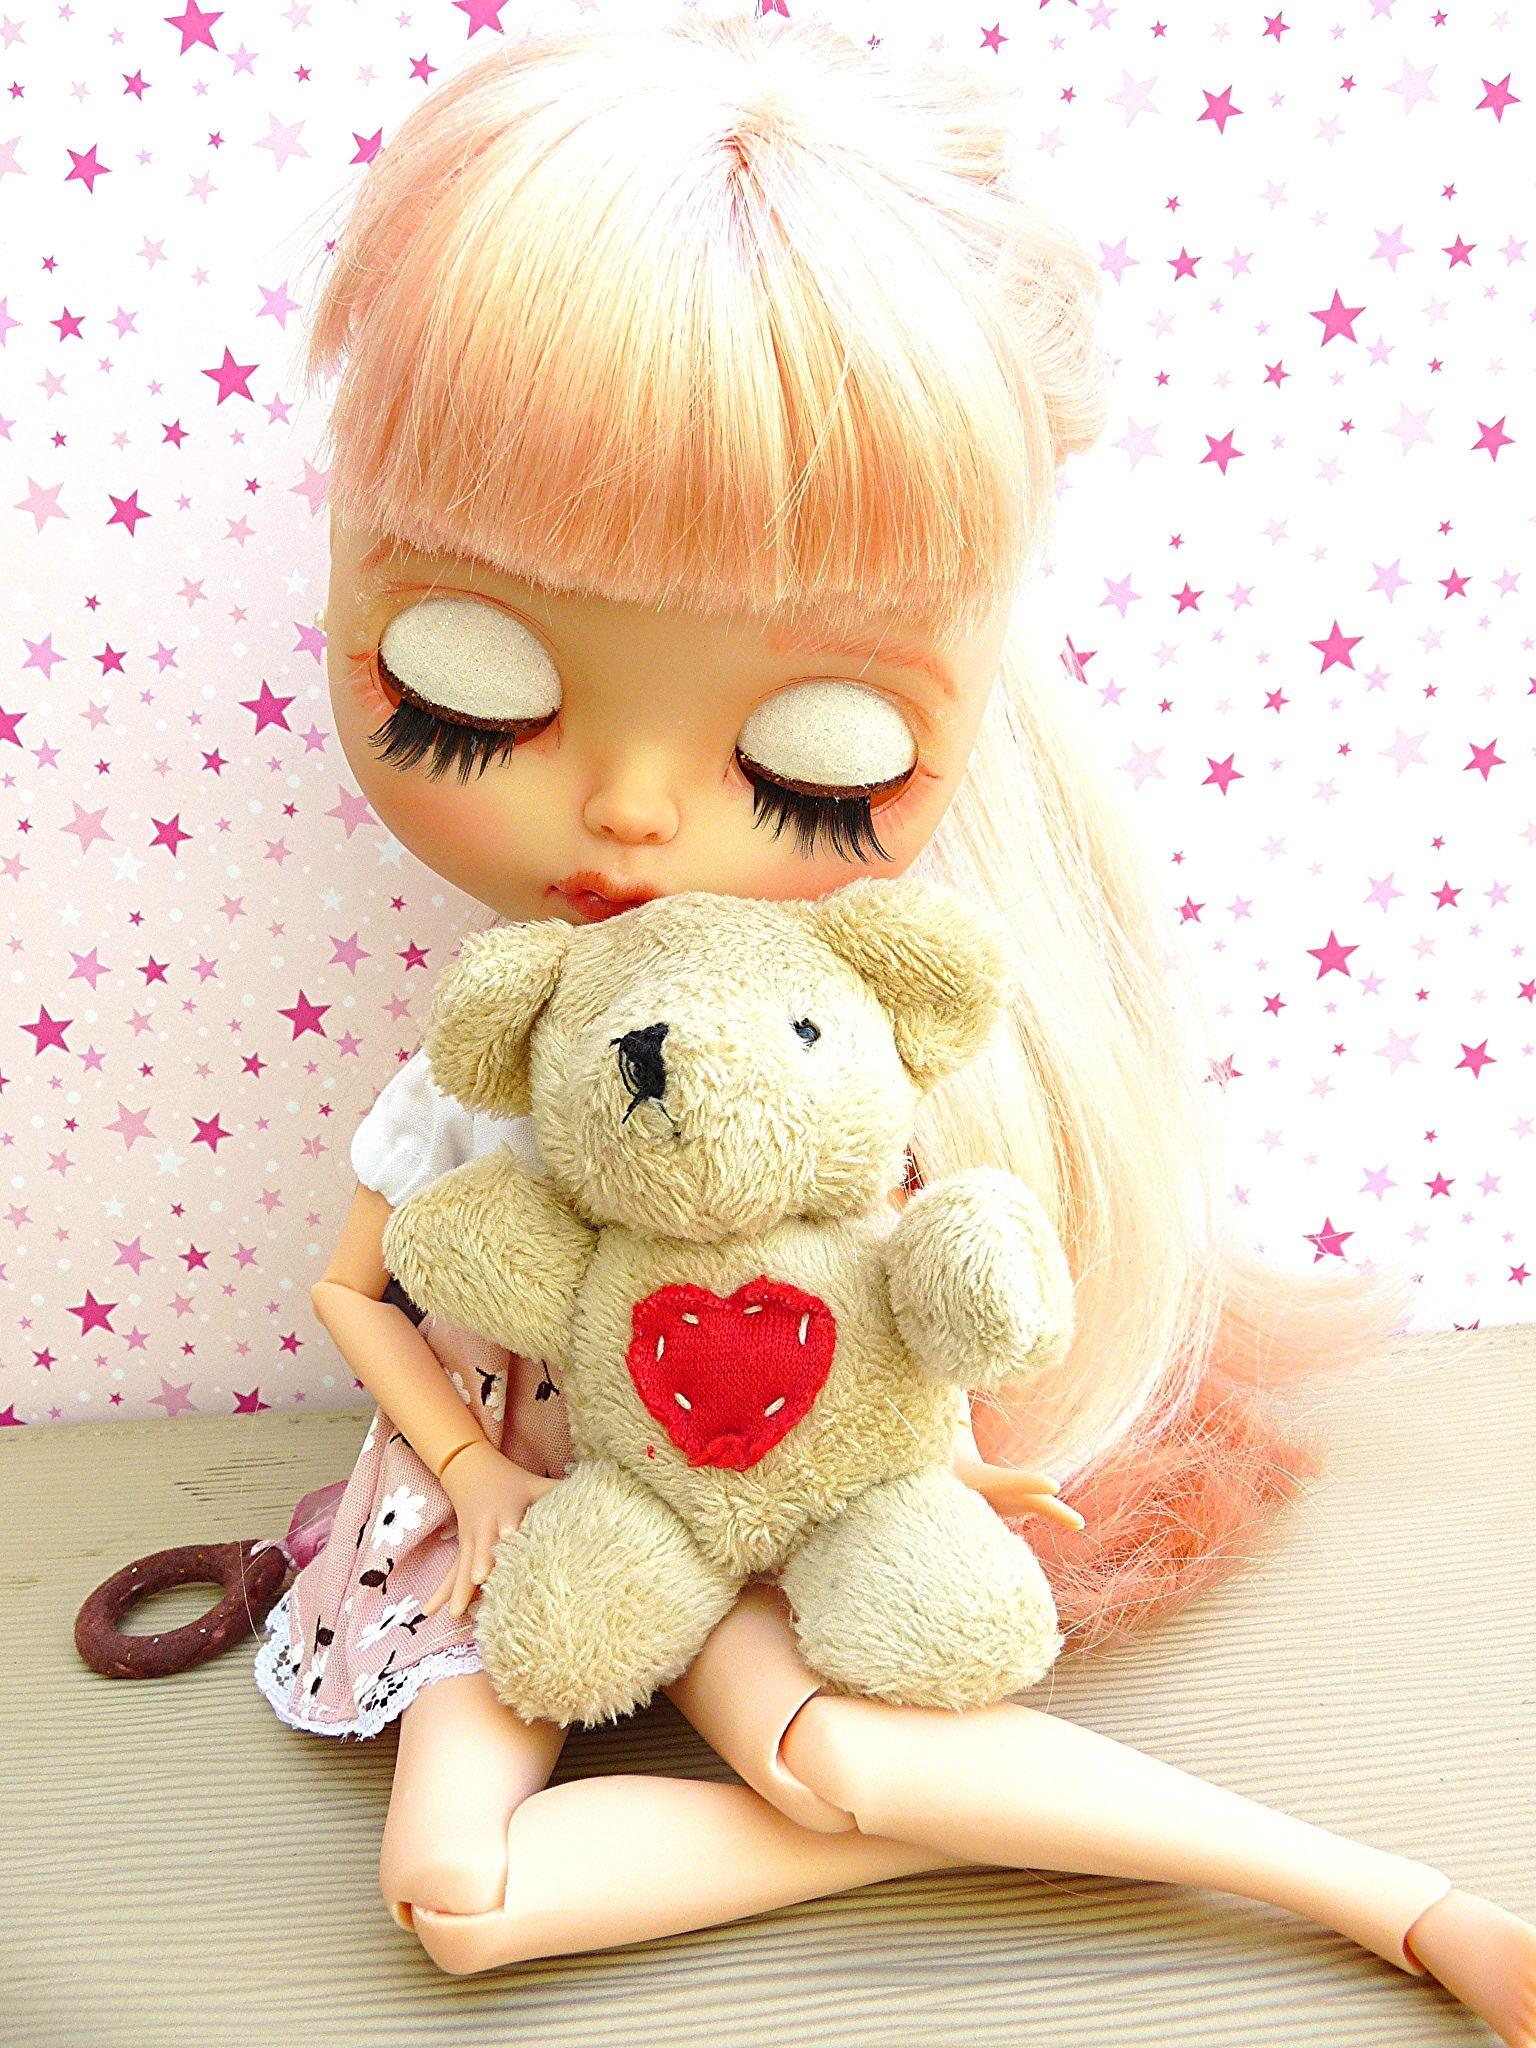 https://flic.kr/p/vxuNuj | July - Blythe TBL | Minha primeira TBL! E por ser a primeira a gente nunca esquece. Muito apaixonado por esta fofinha do cabelo rosa, com um olhar triste mas sonhador! Espero que gostem desta menina linda que a Driely customizou!